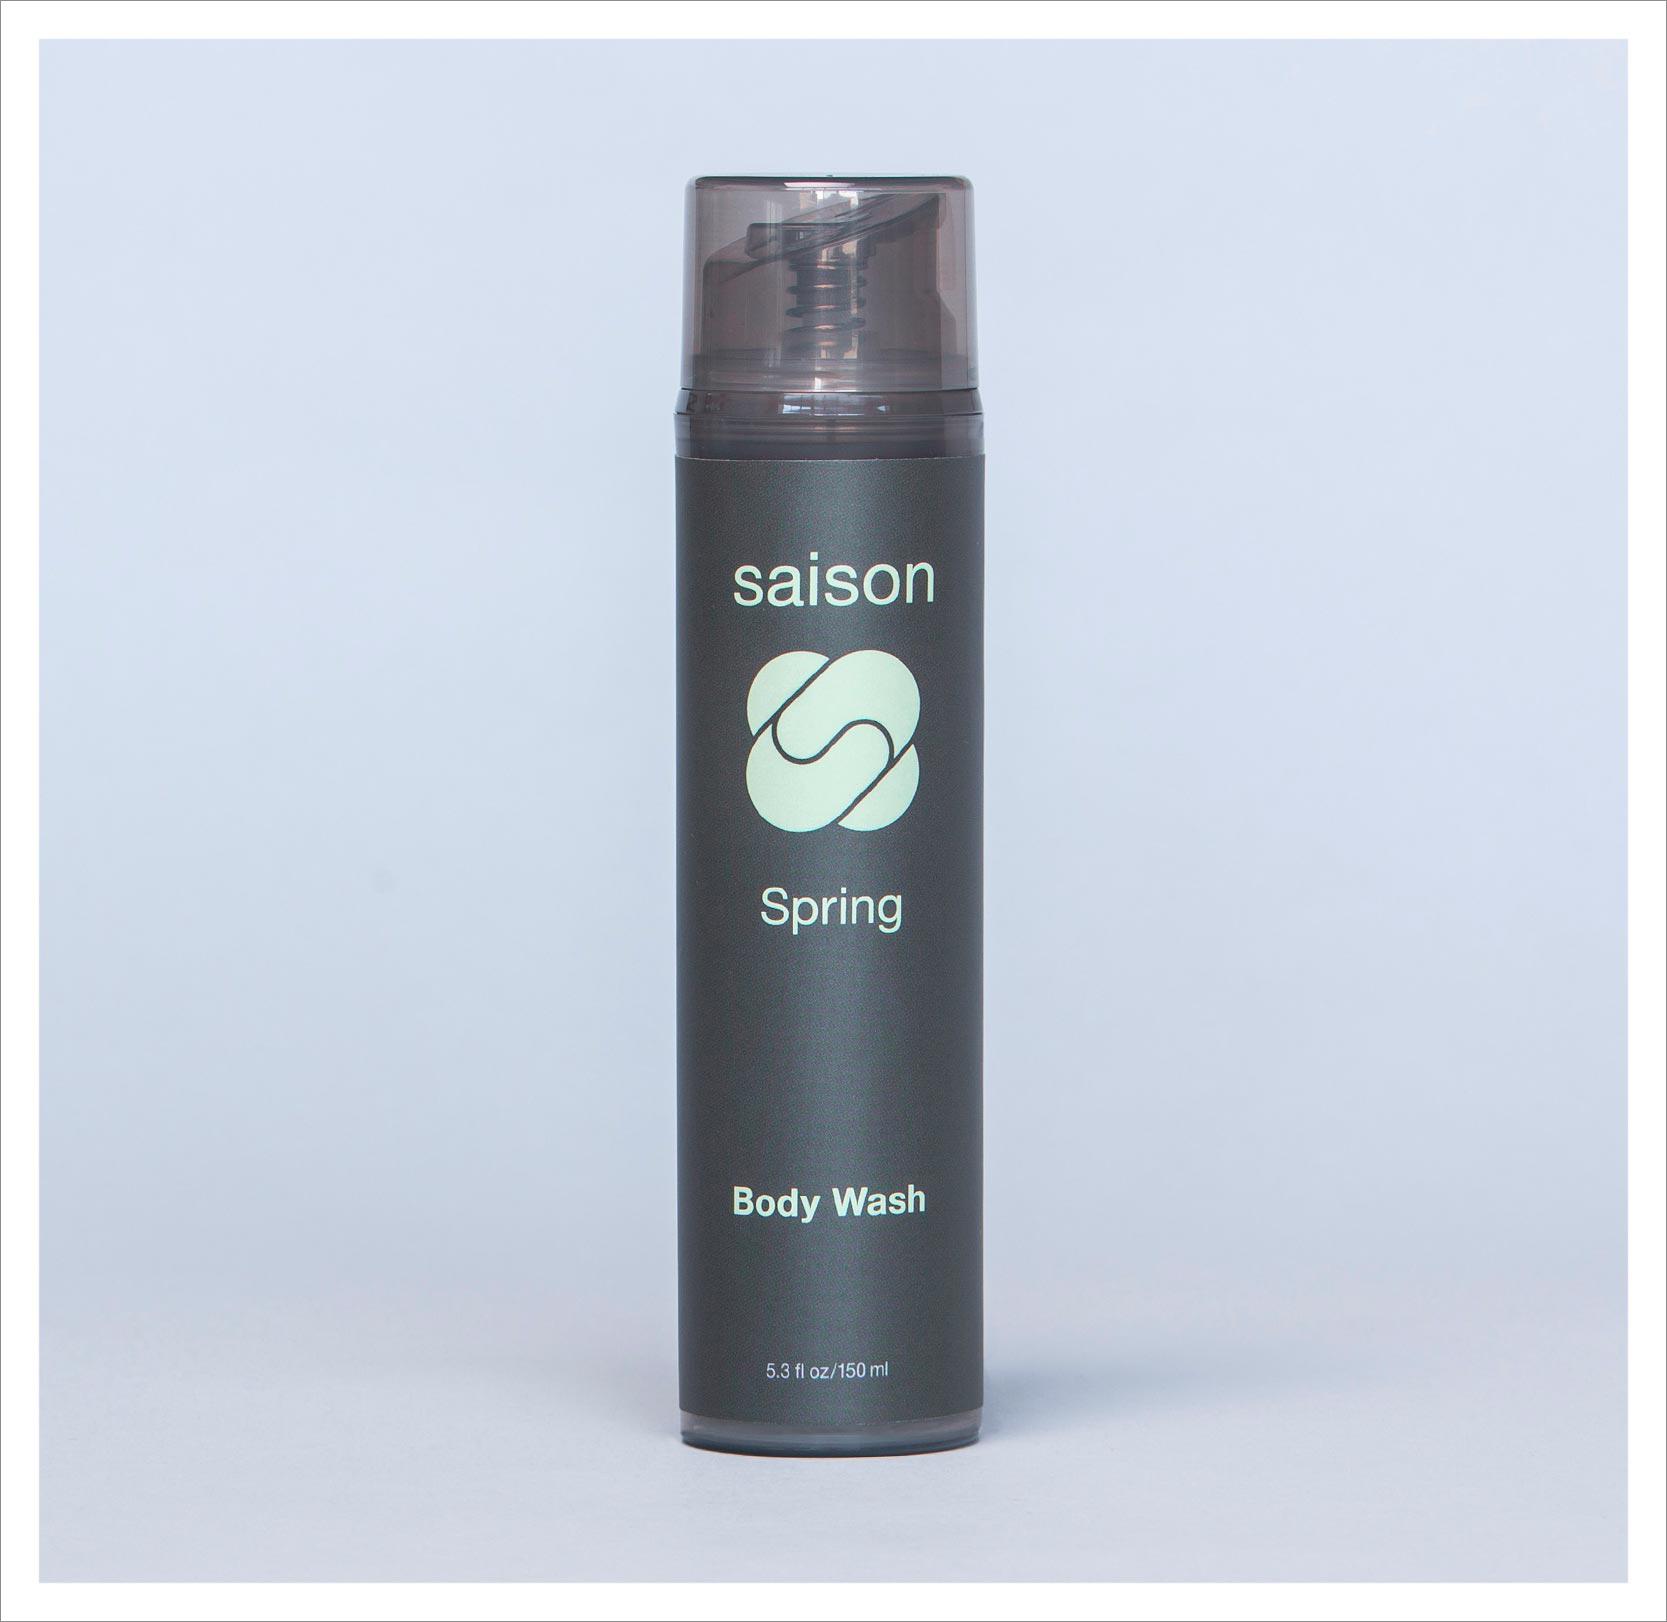 Saison Spring Body Wash